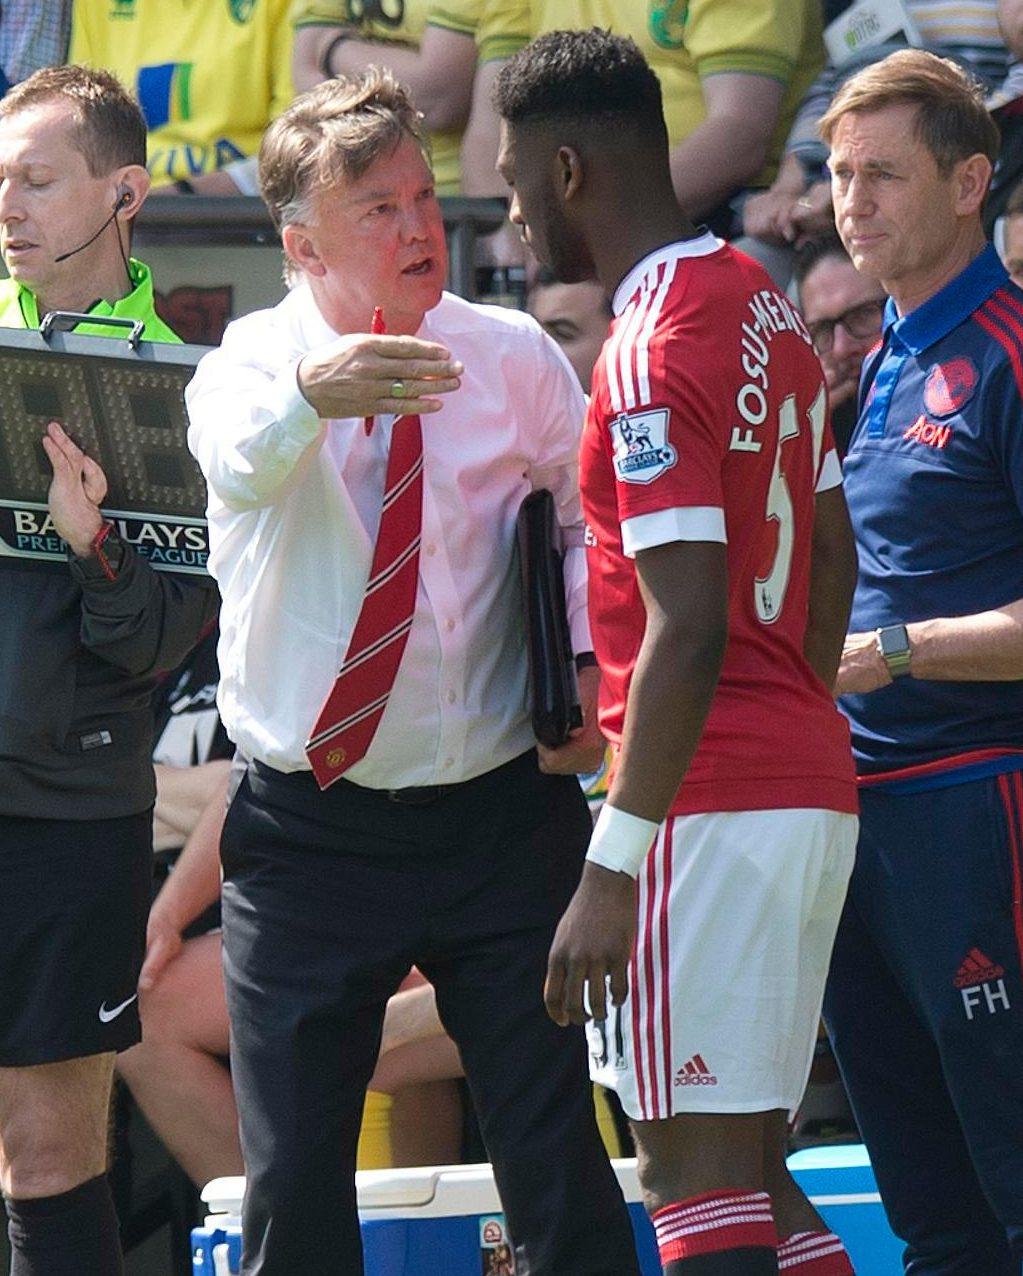 Fosu-Mensah played a handful of games for United under Louis van Gaal